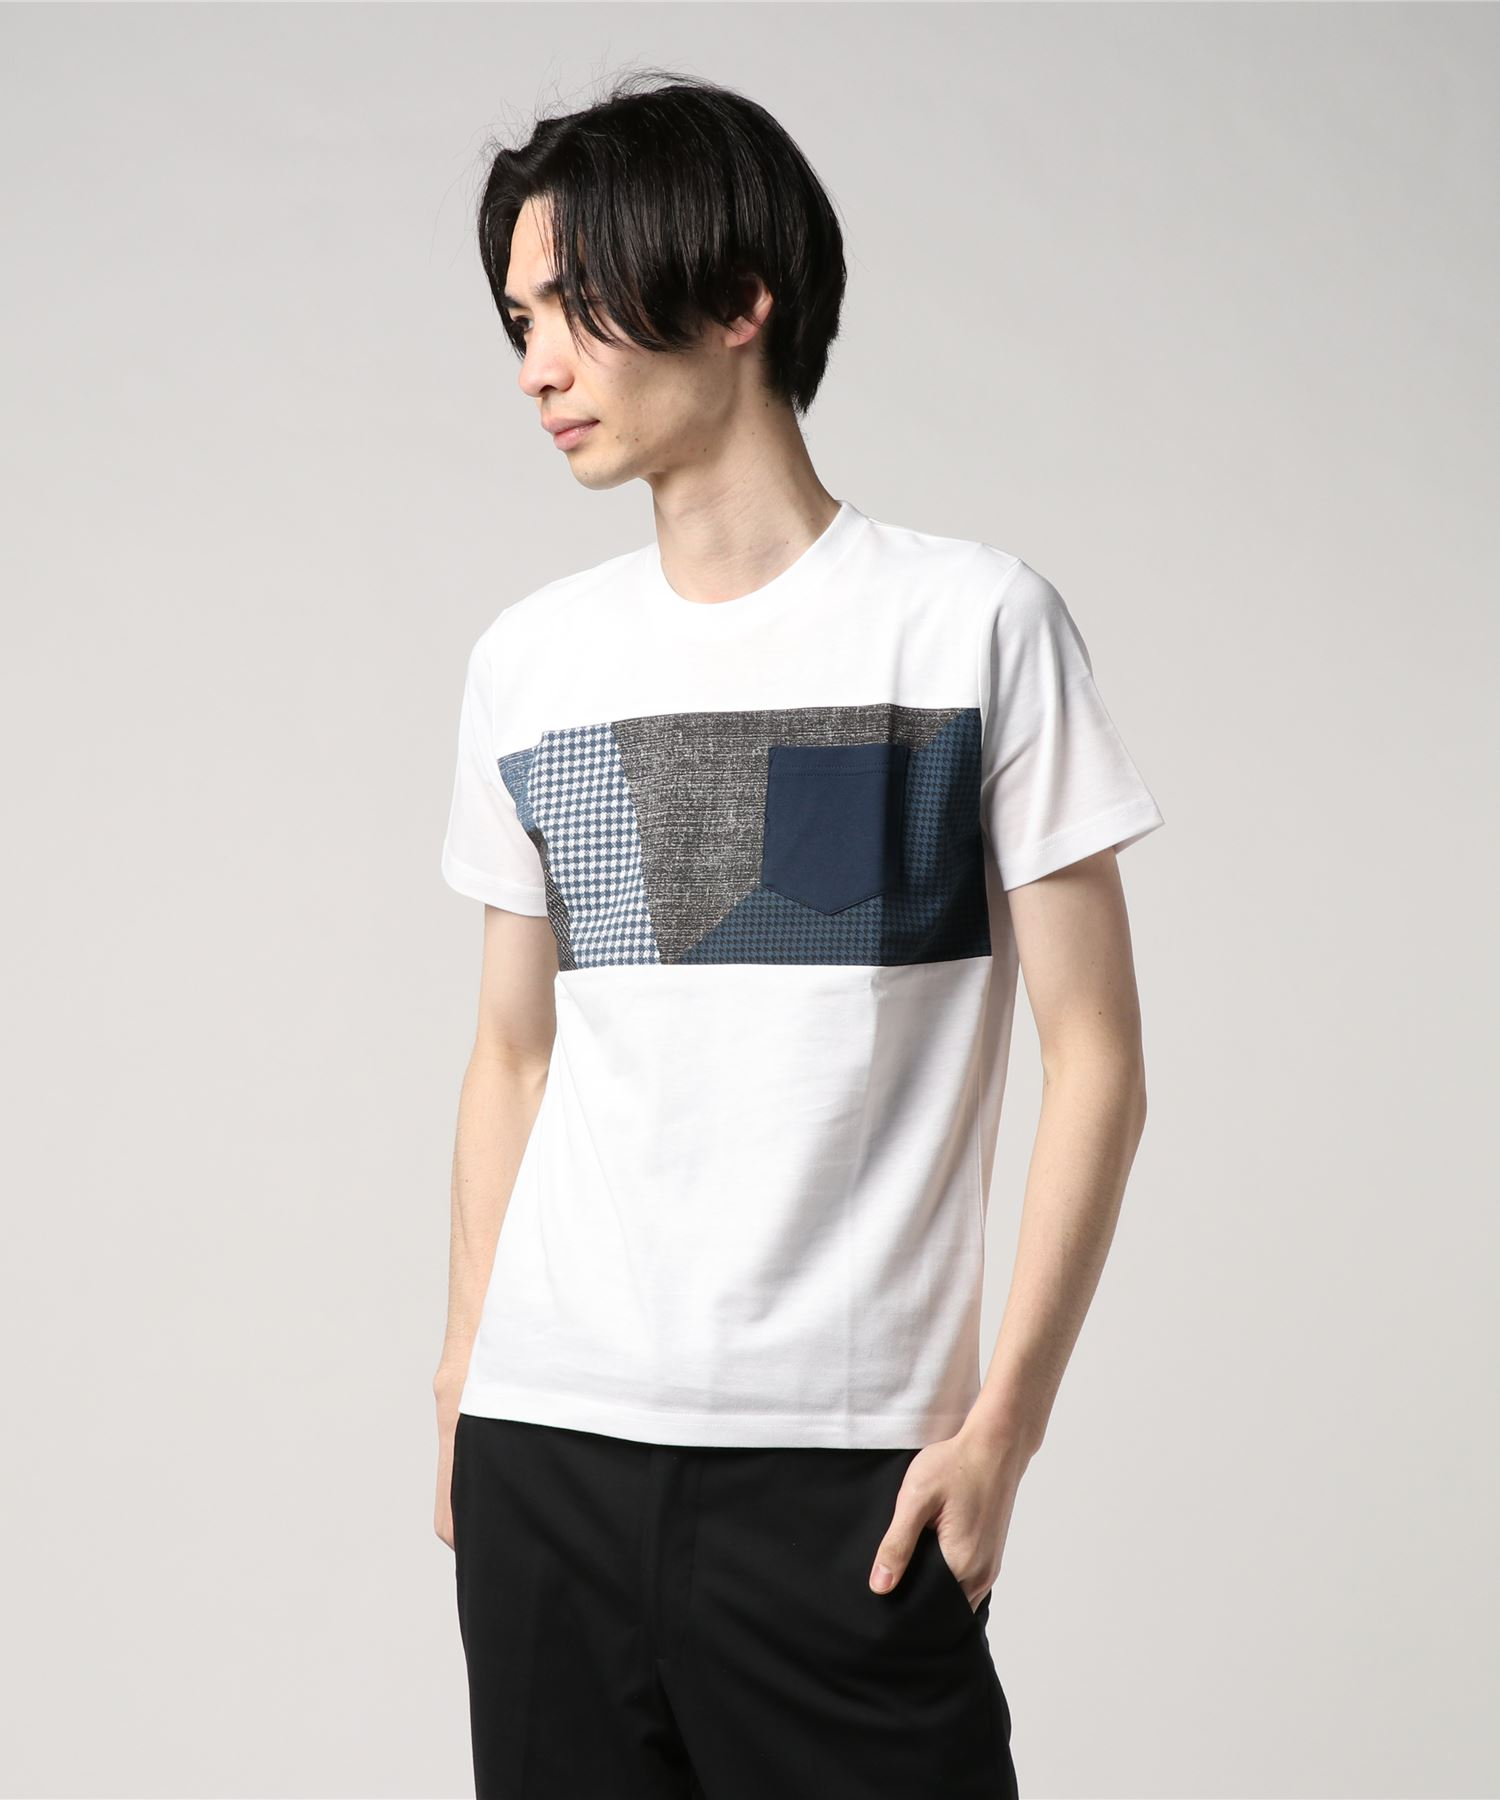 ZERO STAIN プリント切替Tシャツ 汗ジミが目立たない機能 ユニセックス